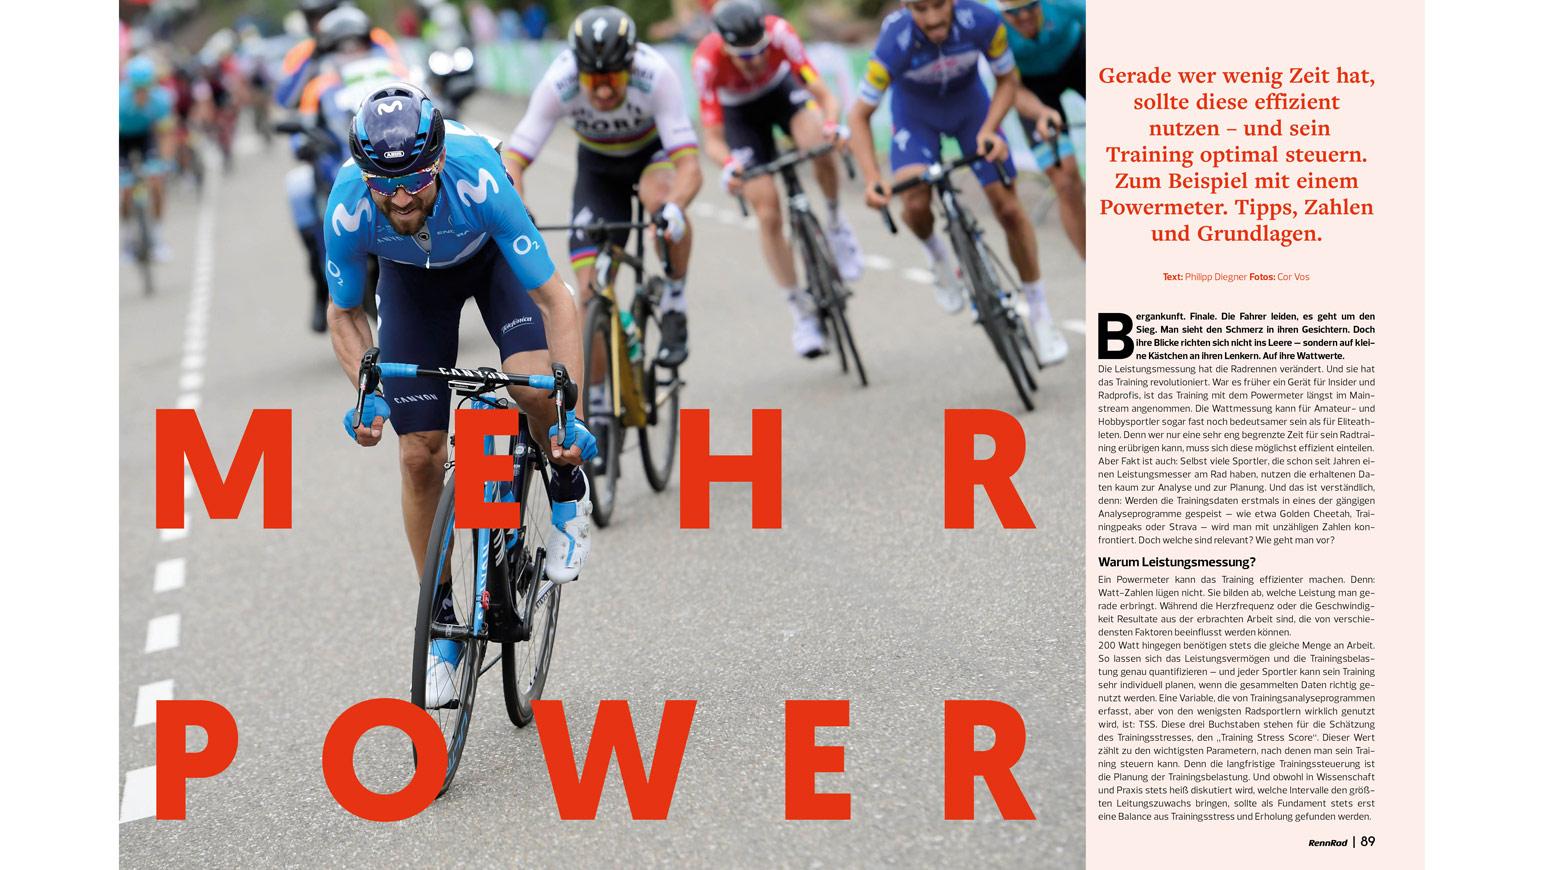 Trainingspläne-Radsport-Effizient